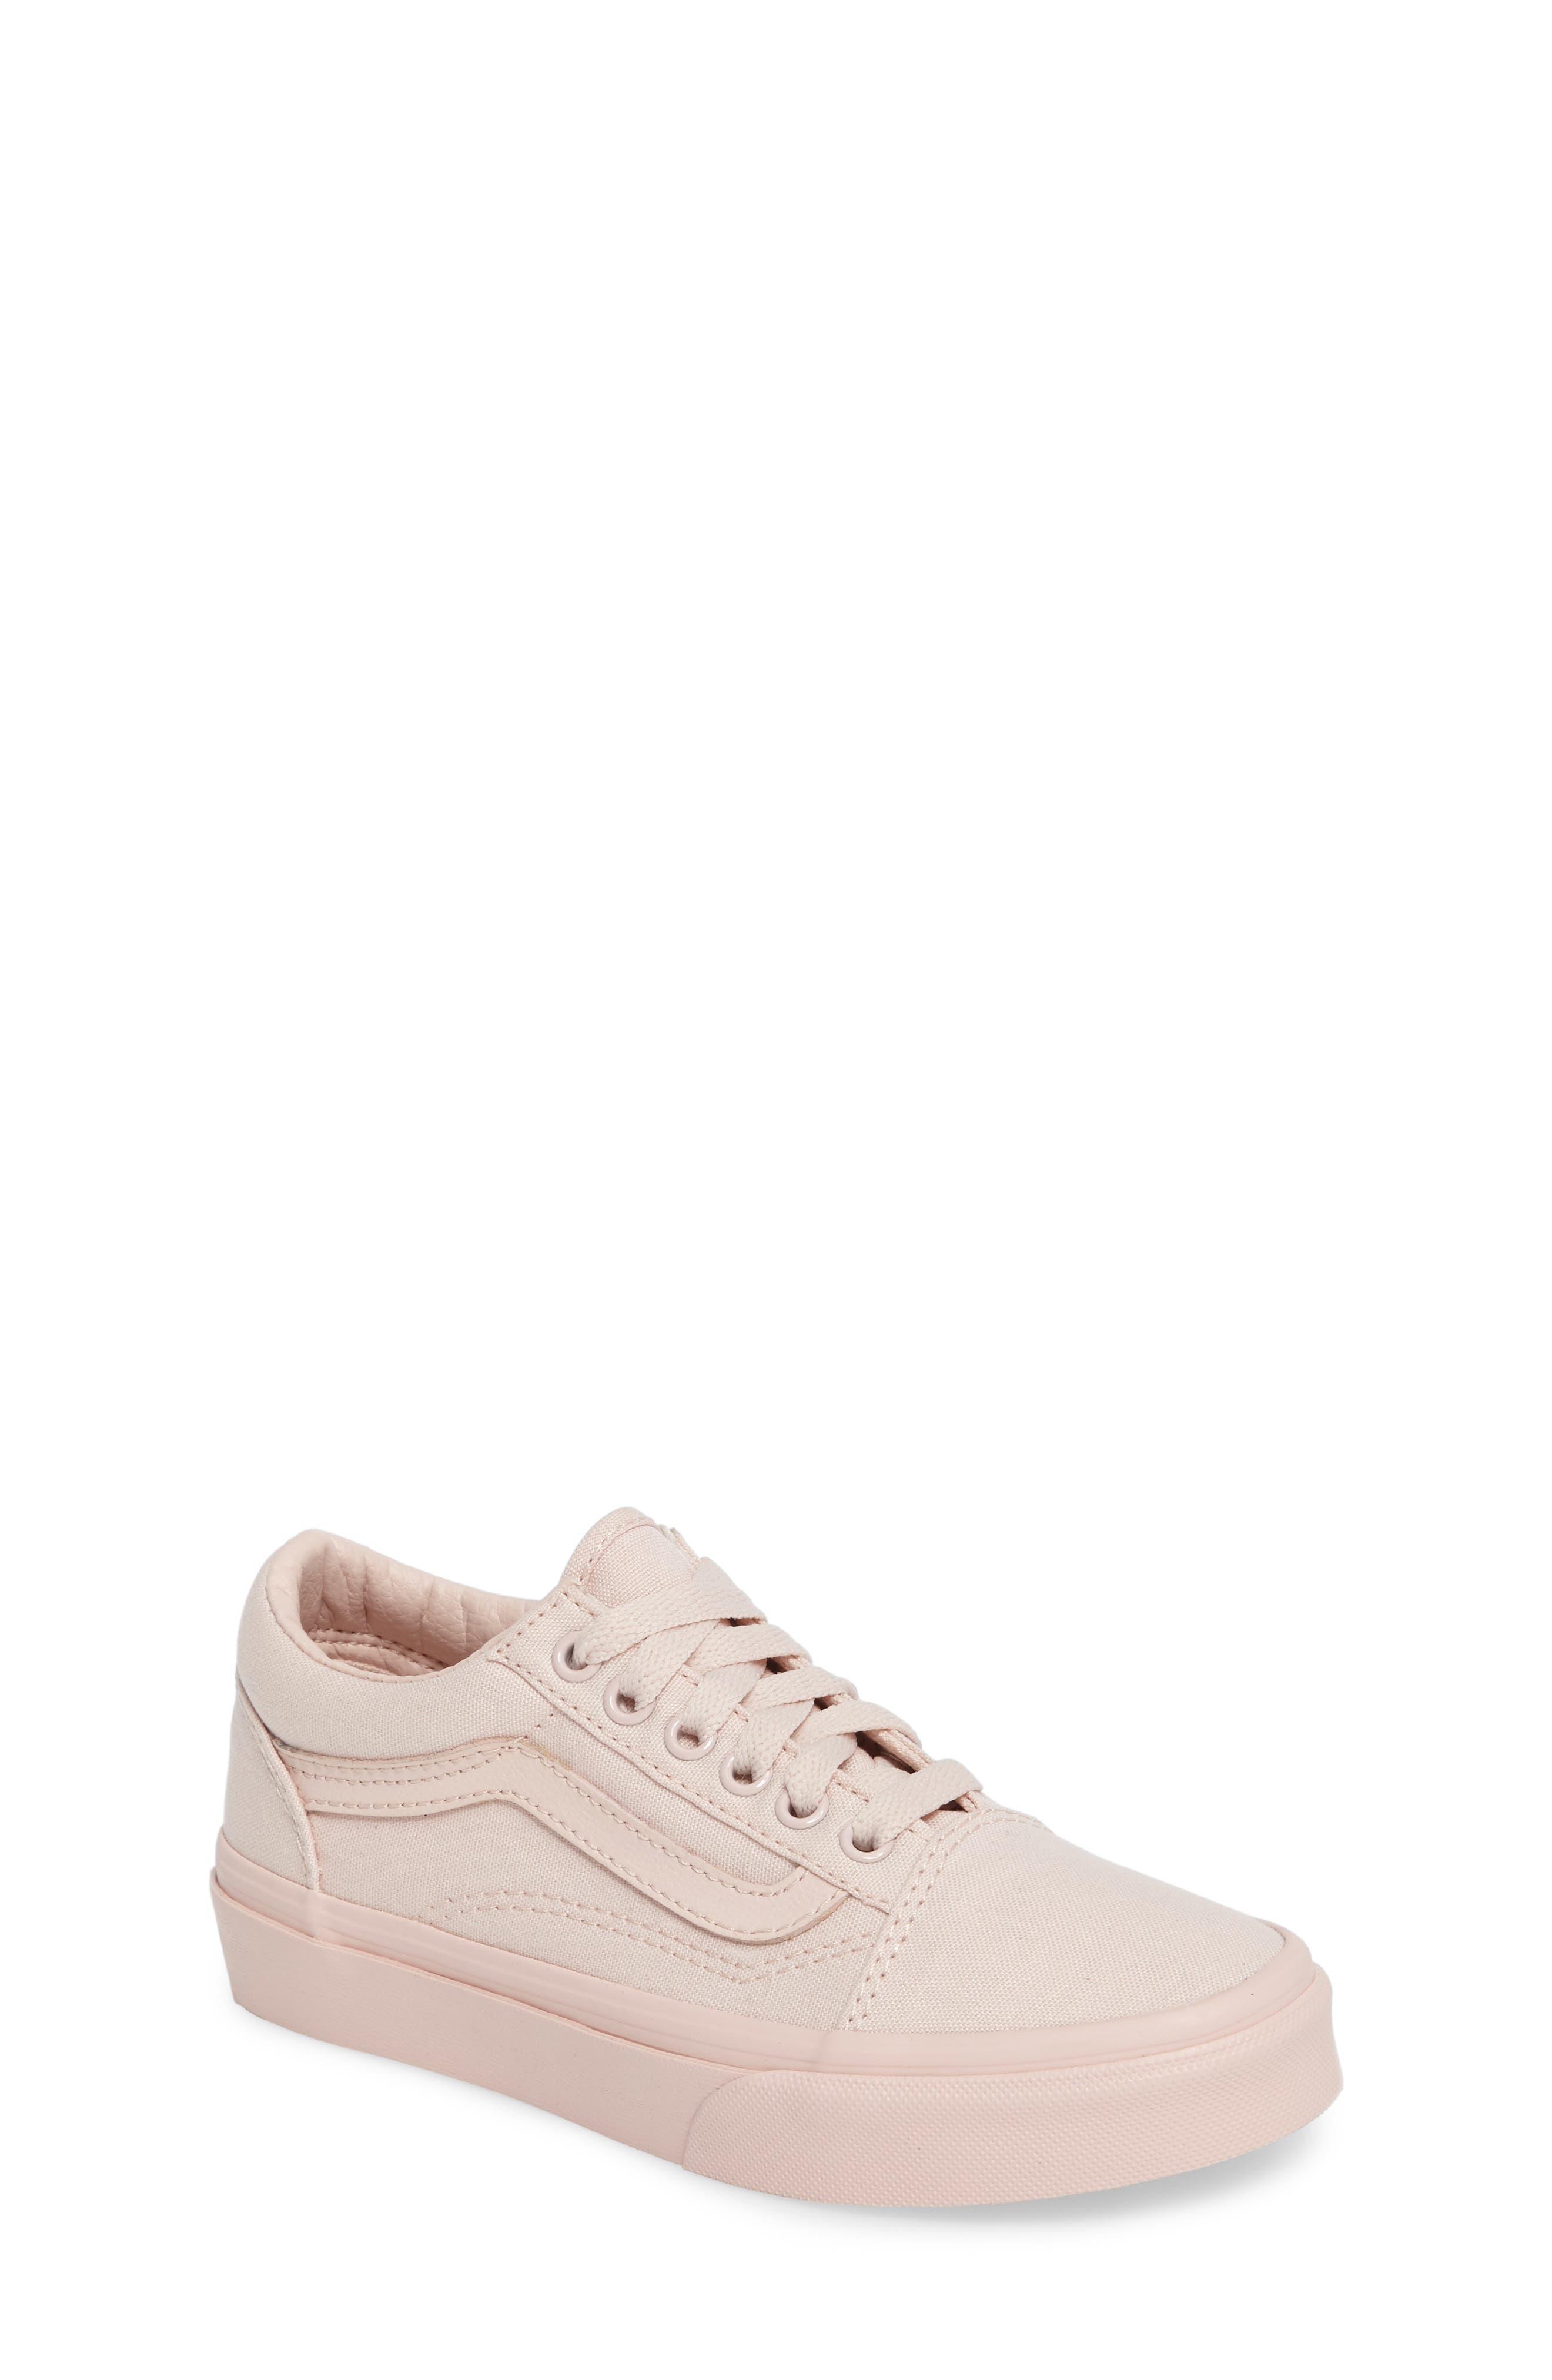 Old Skool Sneaker,                         Main,                         color,